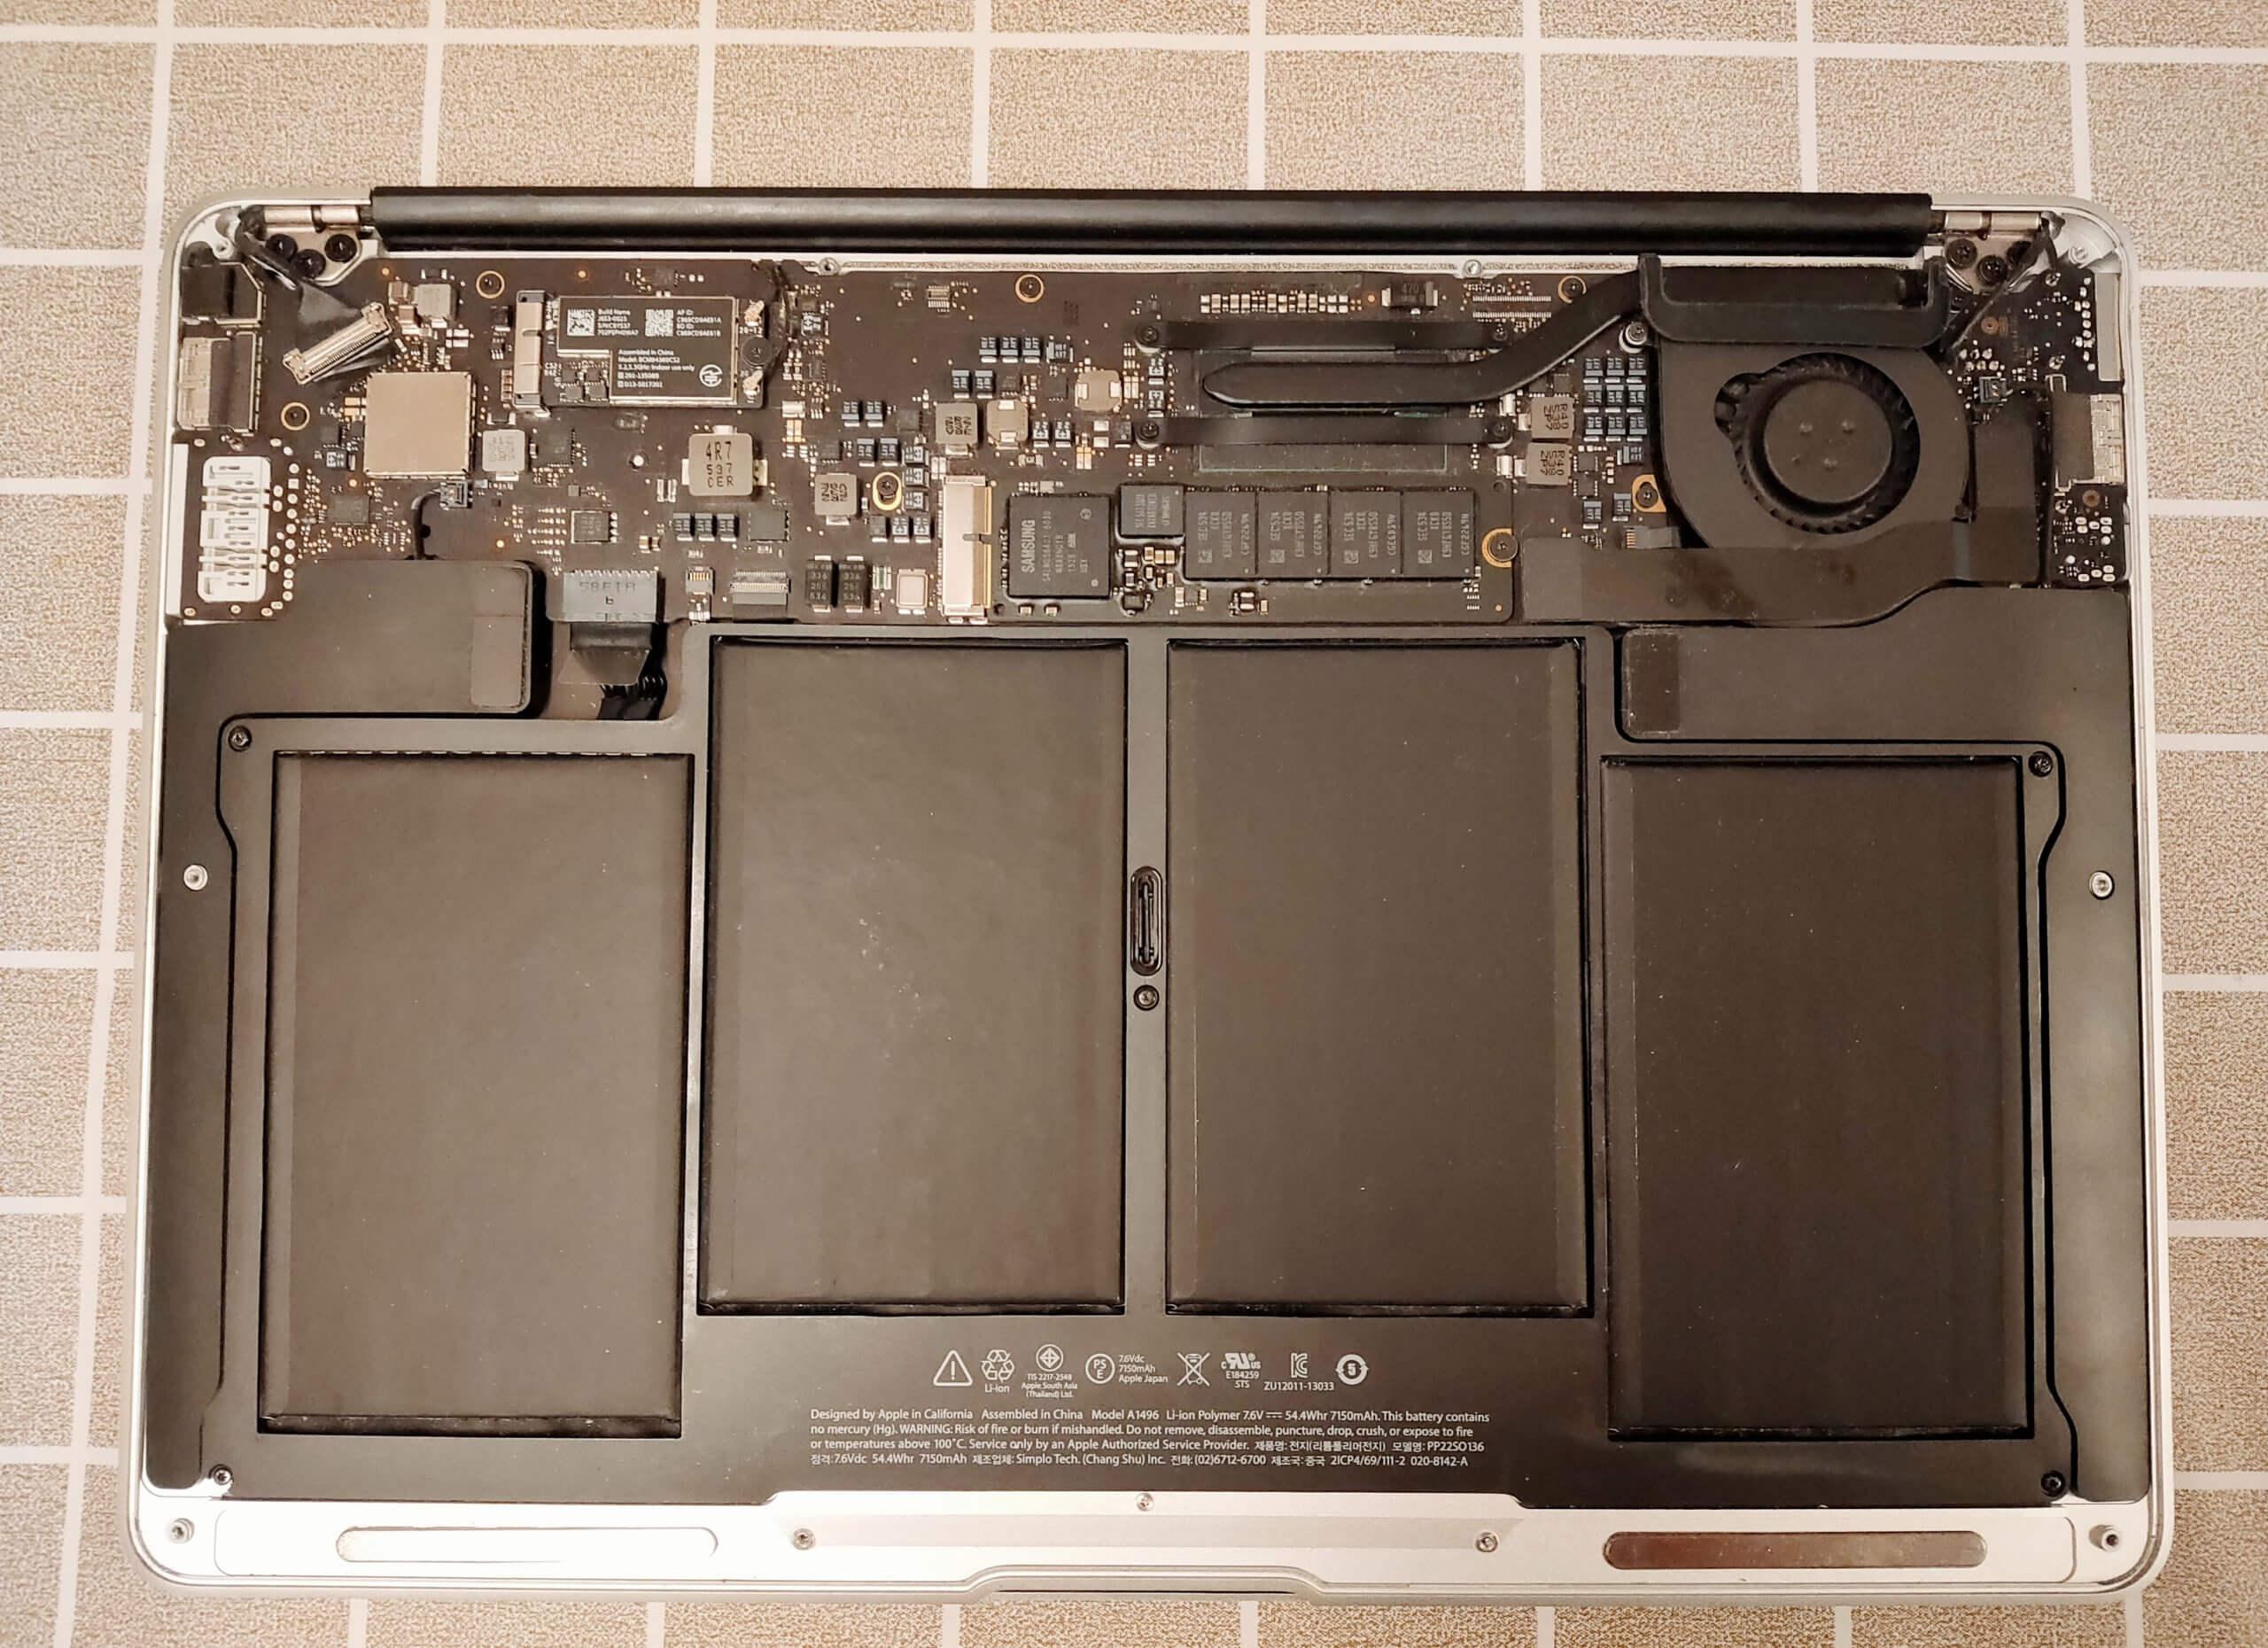 MacBookaAirバッテリー交換を自分でやったら失敗した理由 背面を外す